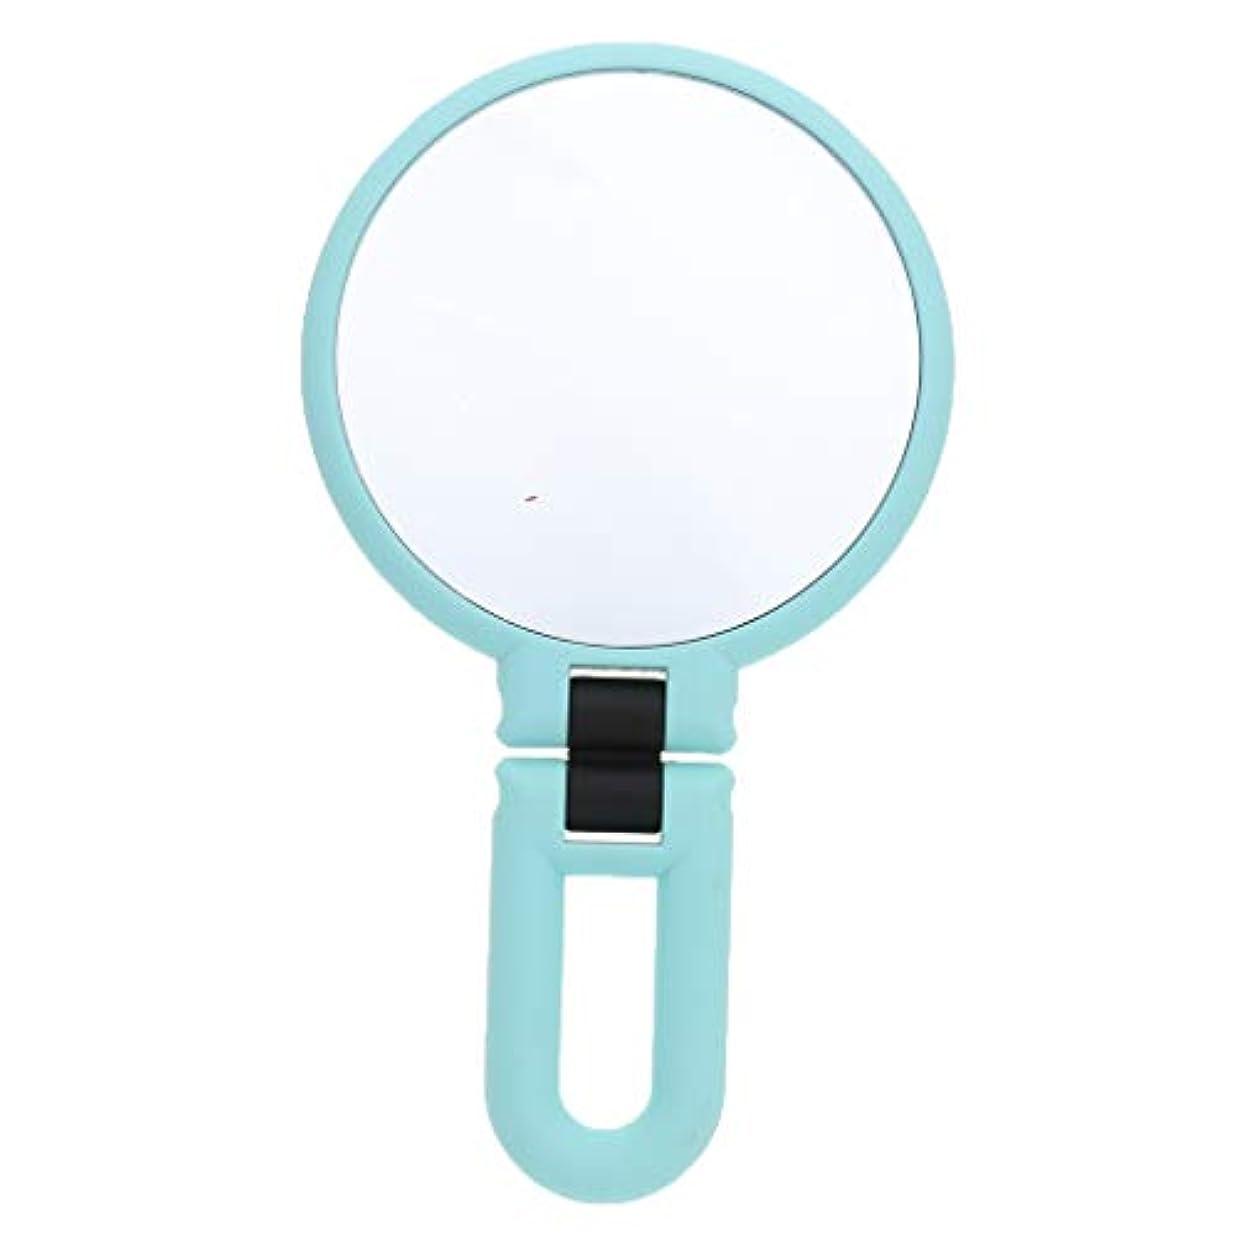 画面カプセルしなやかgazechimp 鏡 化粧鏡 ハンドルミラー 装飾 ポータブル 両面鏡 全3サイズ - 15倍の拡大鏡